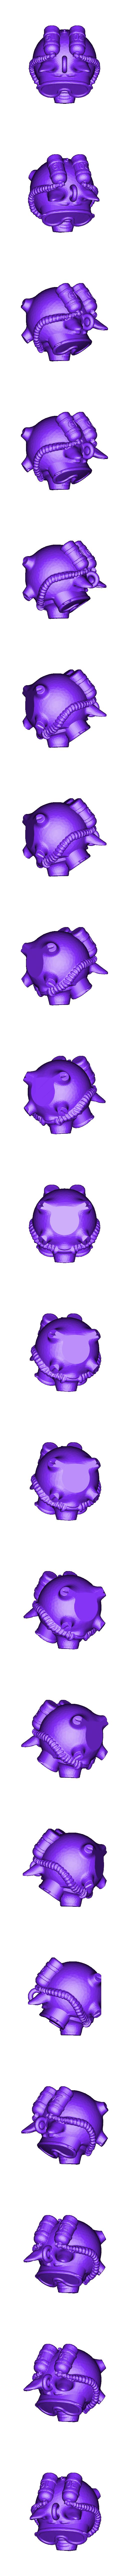 Svin6diver_Less_2019.stl Télécharger fichier STL gratuit plongeur cochon • Design imprimable en 3D, shuranikishin